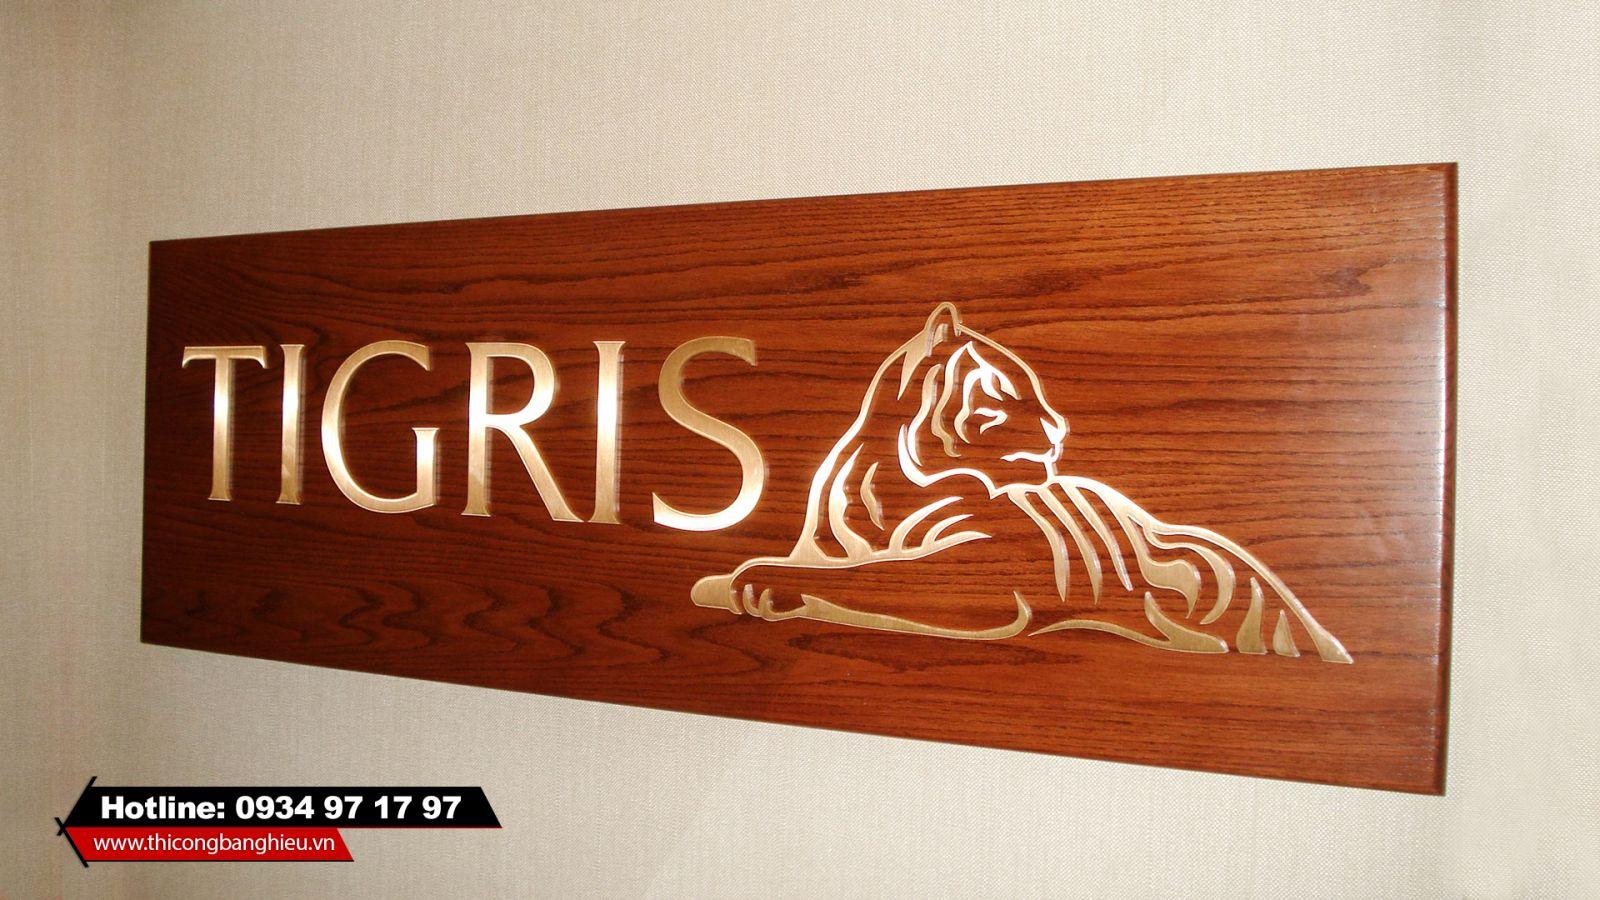 logo chữ nổi gắn trên nền gỗ